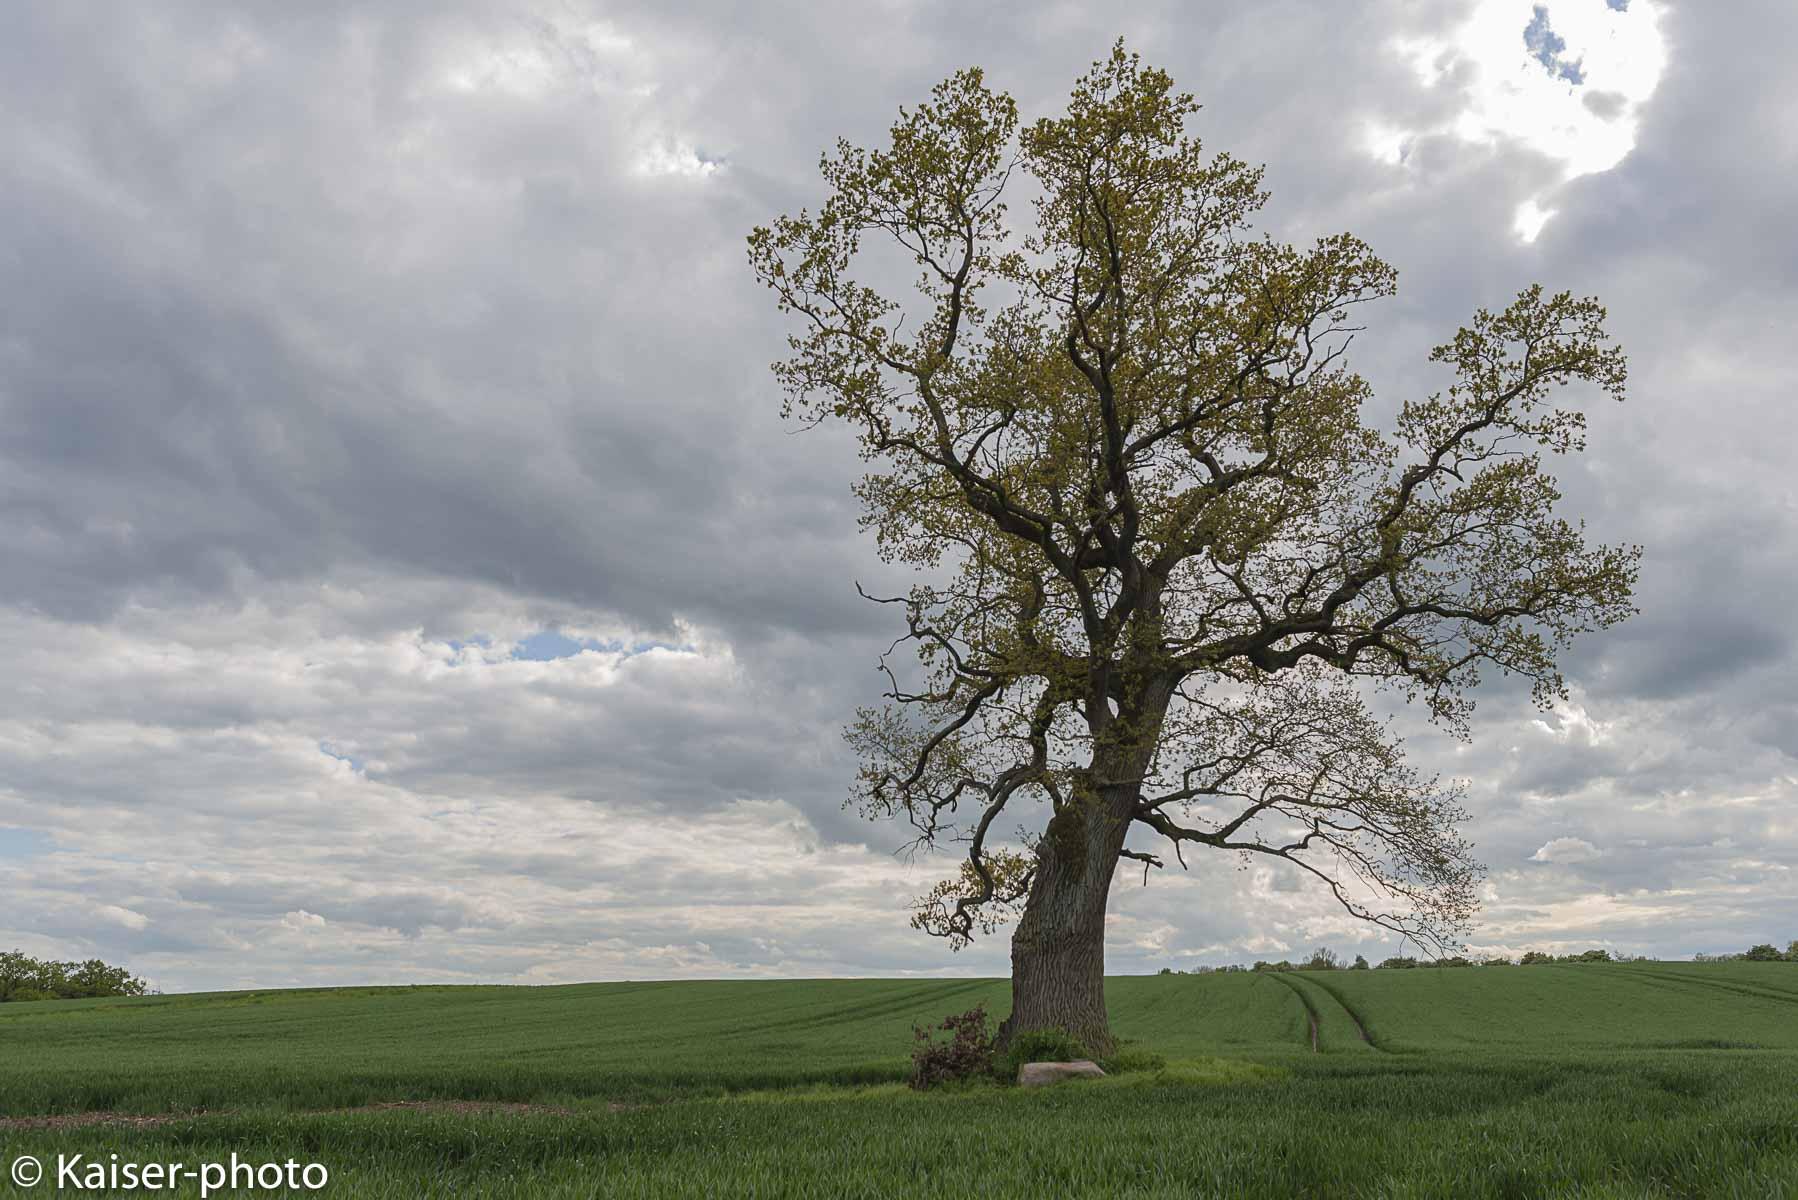 Dieser Baum hat im Sturm starke Äste und einen Teil des Baumstamms (rückseitig) verloren.